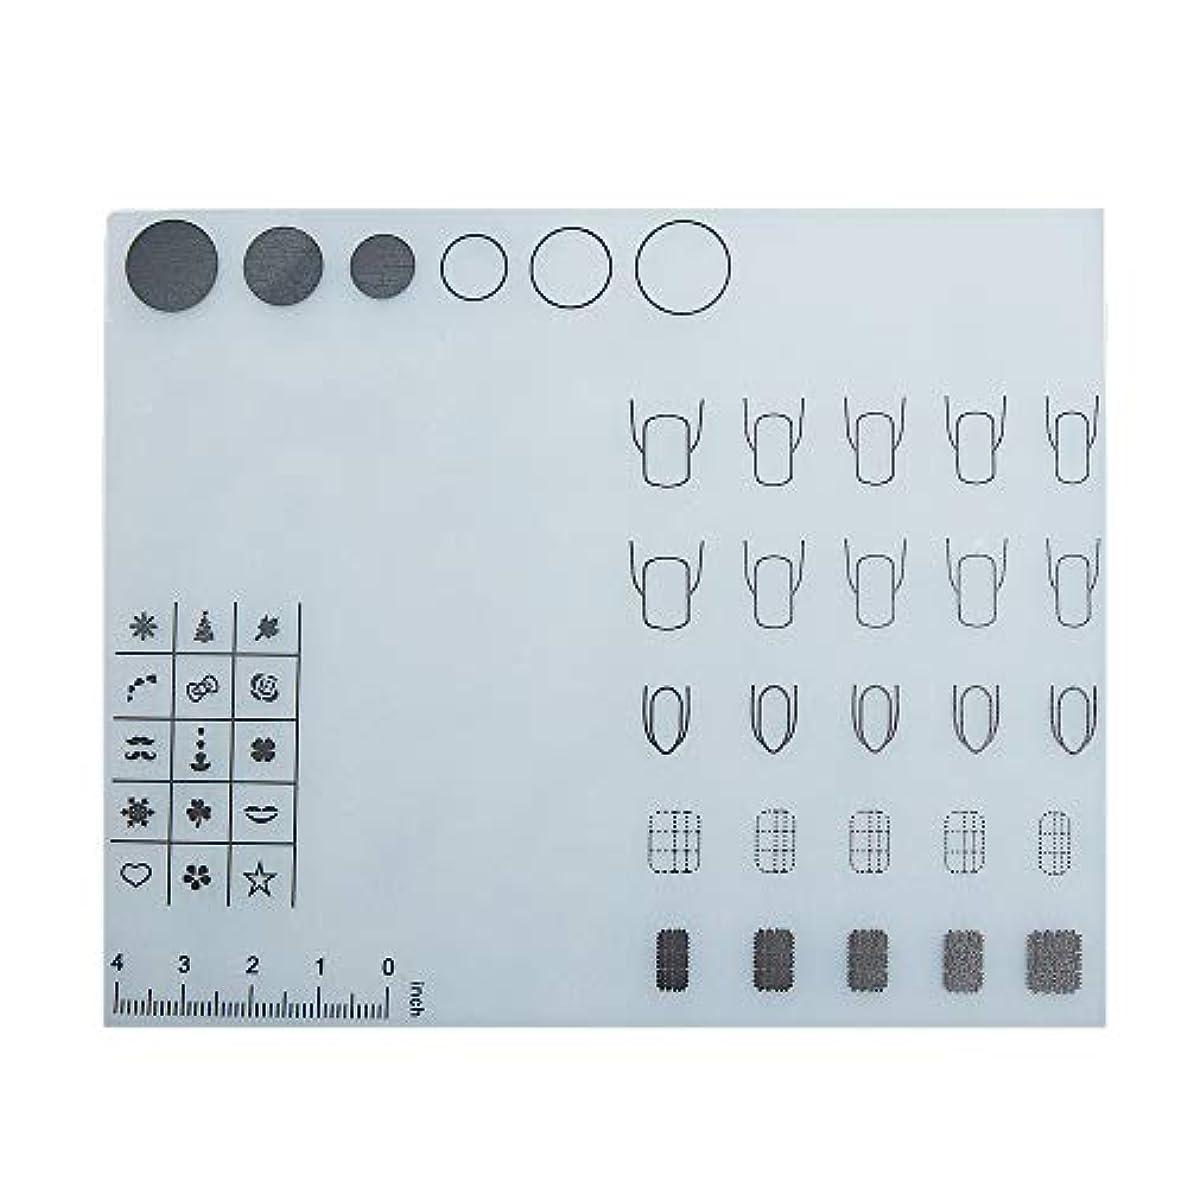 中間シェル入力Decdeal ネイルアートテーブルマット 折り畳み式パッド マニキュアクッション ミニ シリコーン ウォッシャブル ひじかけ マニキュアツール